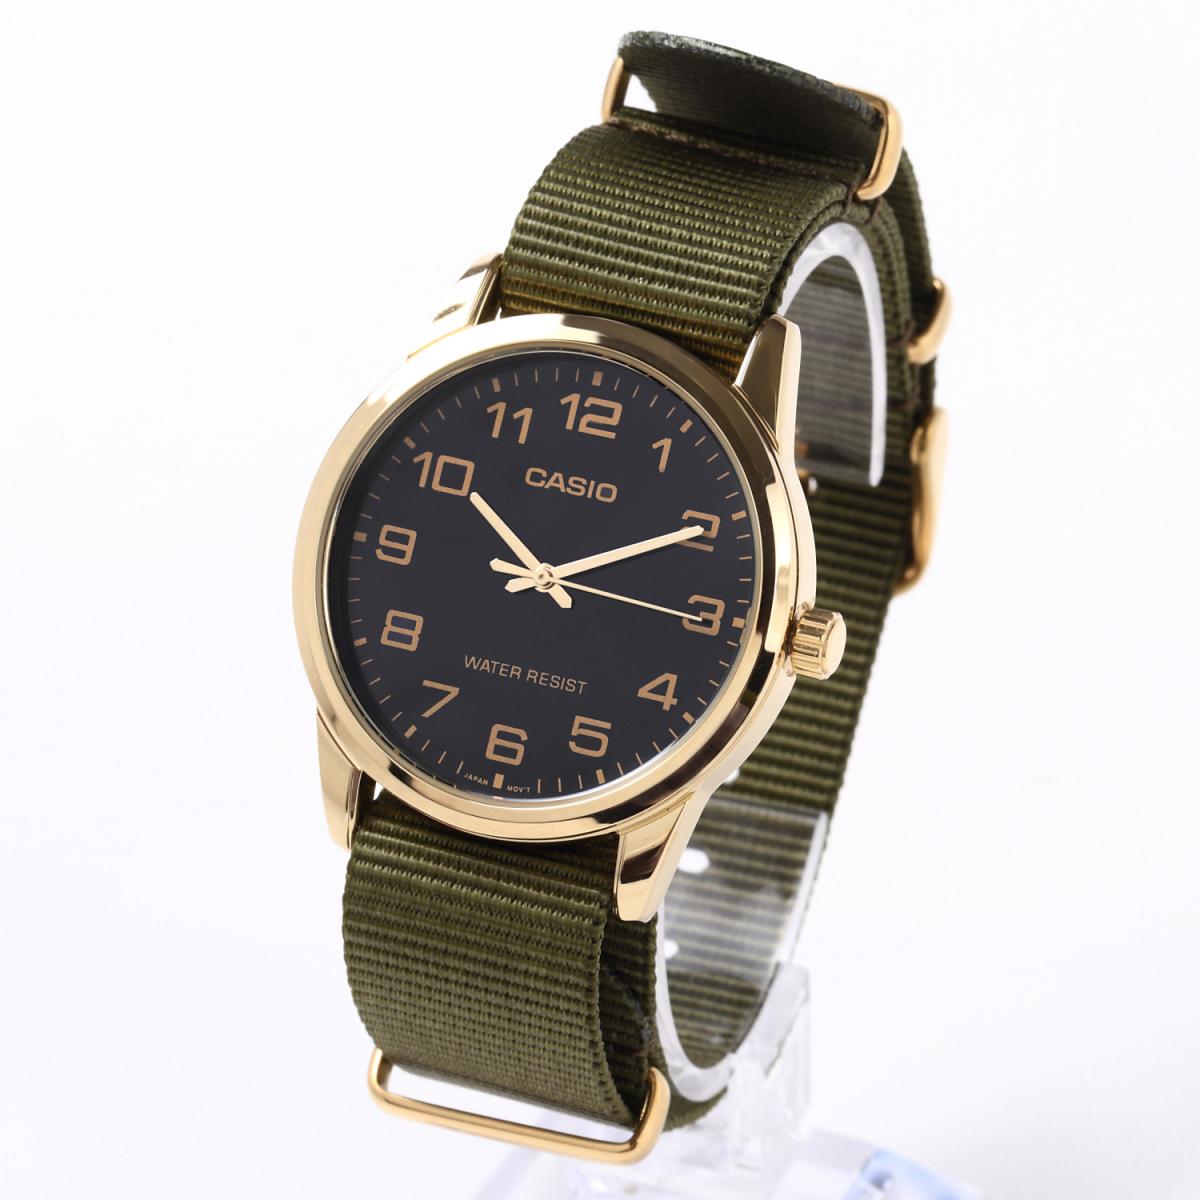 時計ベルト20mm NATO ゴールドバックル カーキグリーン 全長255mm ショートサイズ ナイロンストラップ取付けマニュアル _画像2